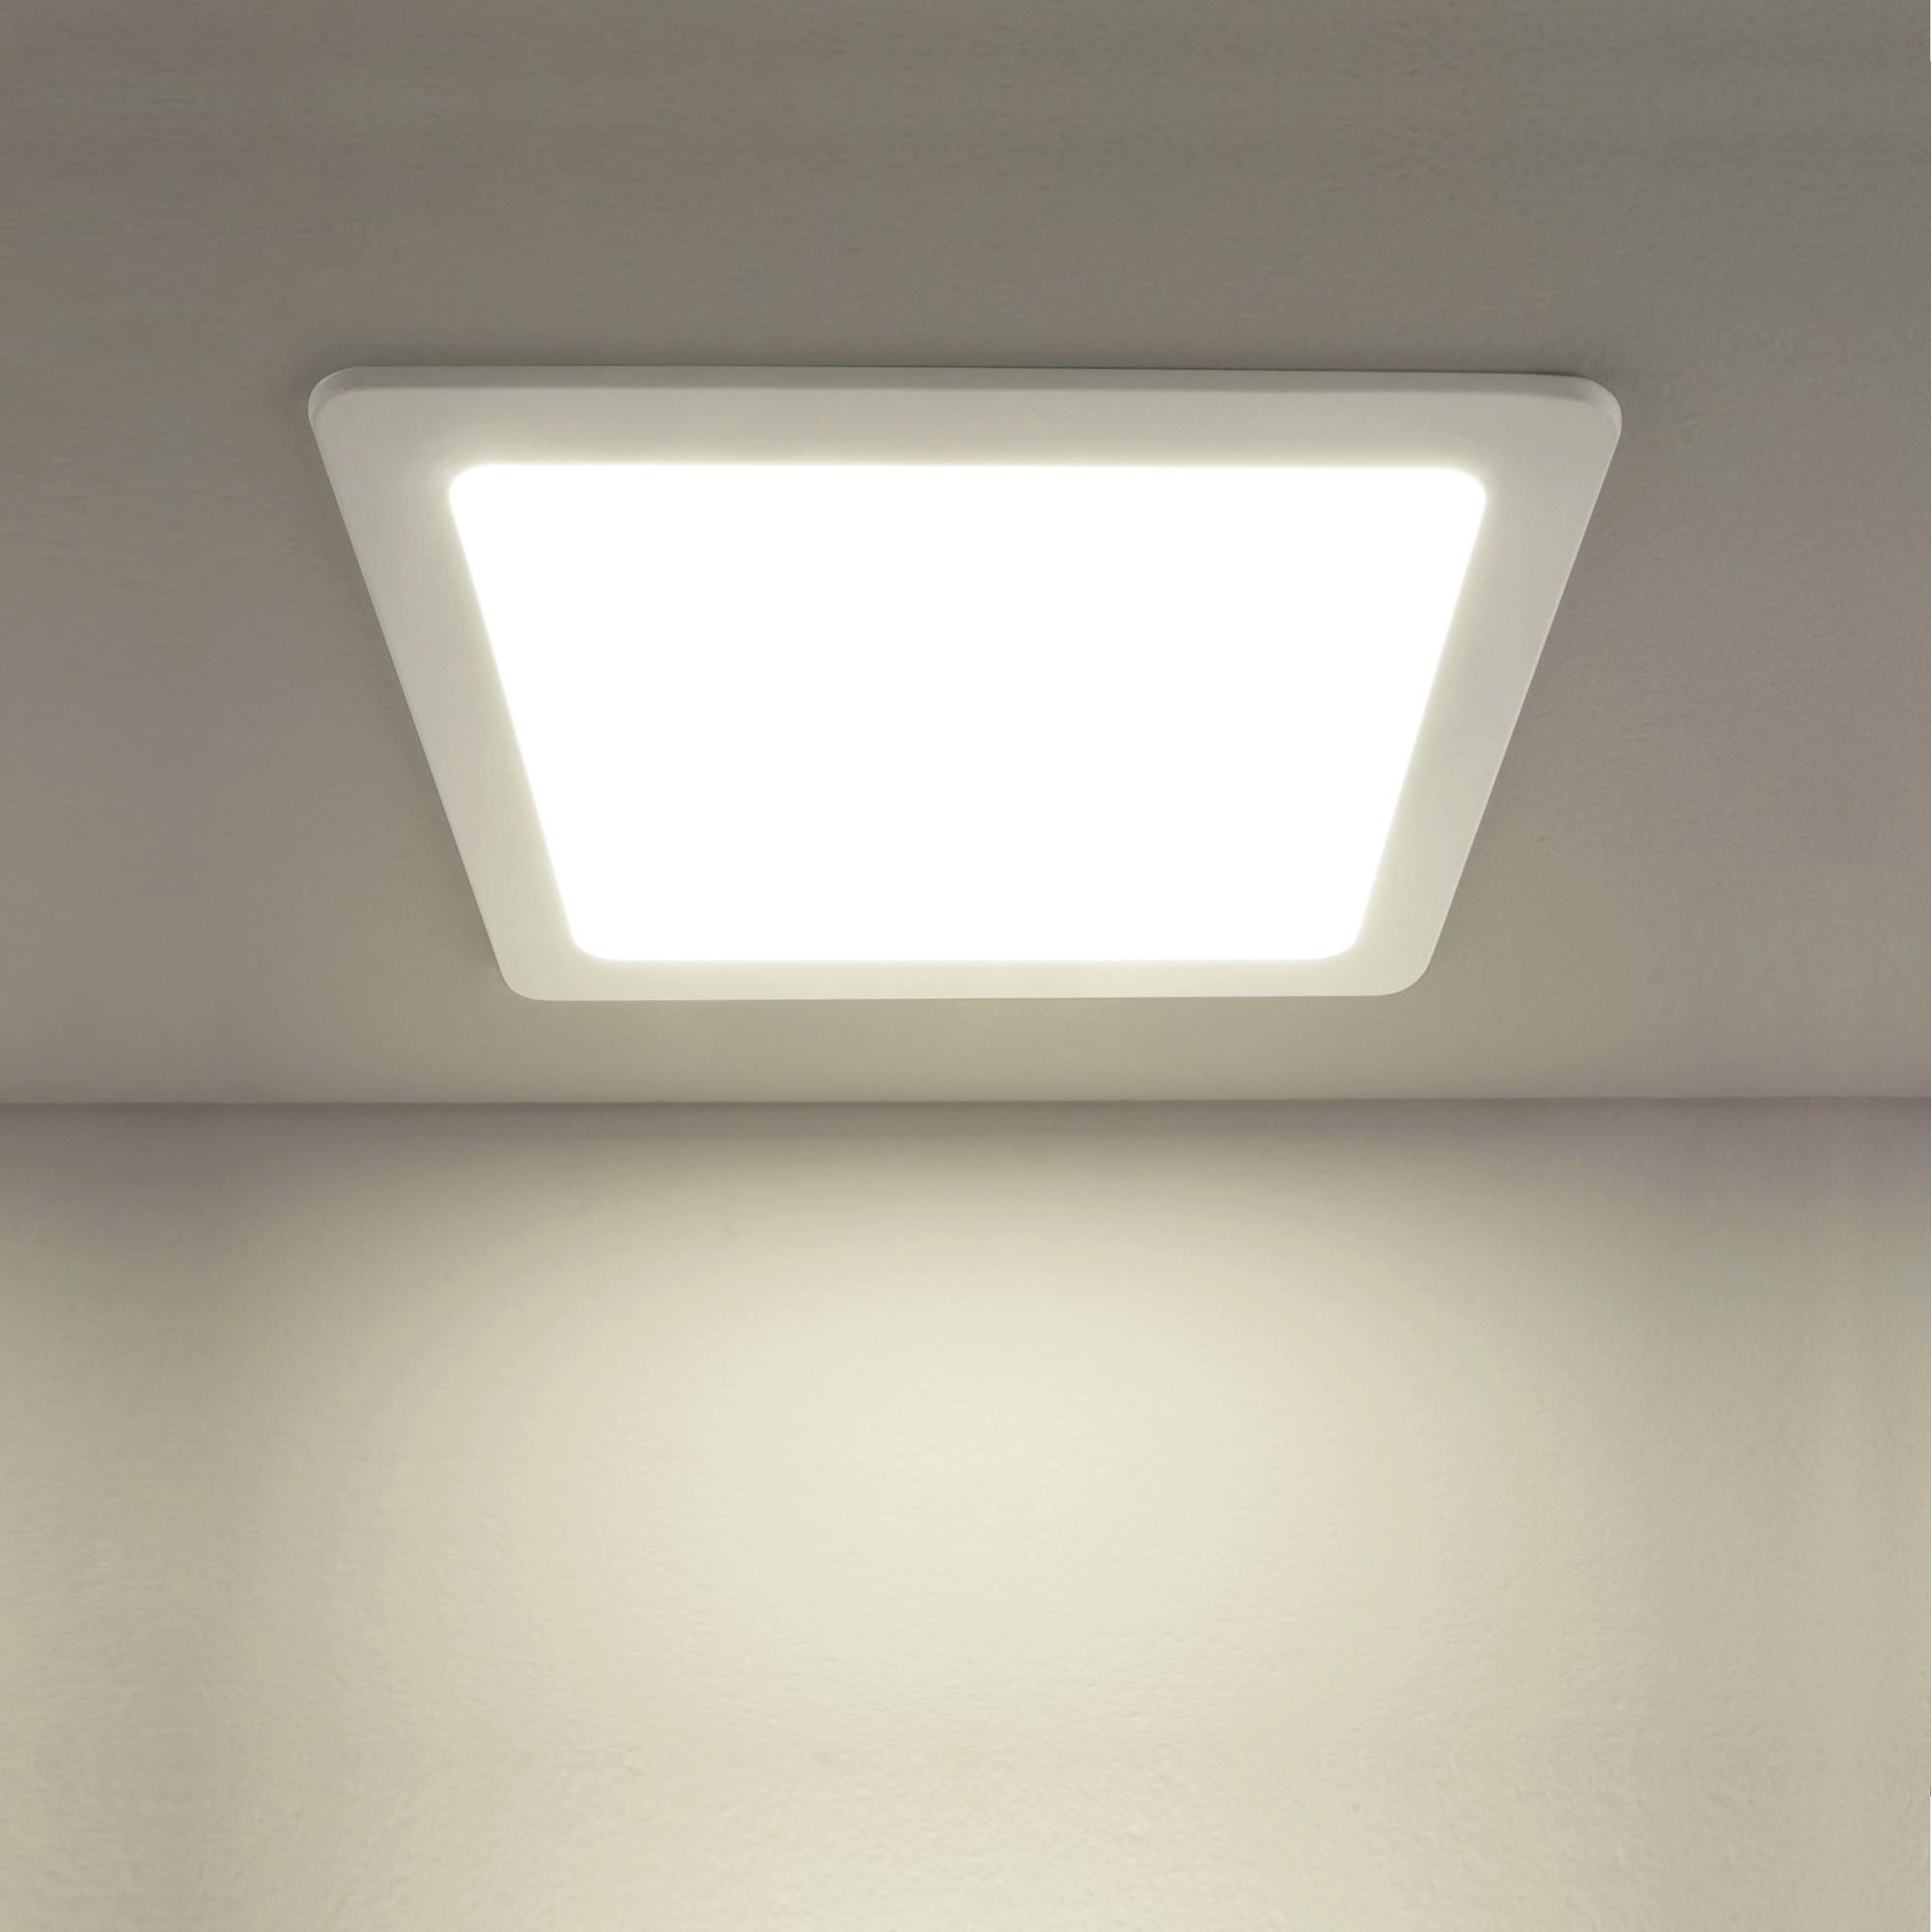 Фото Встраиваемый светильник Elektrostandard Downlight a034918